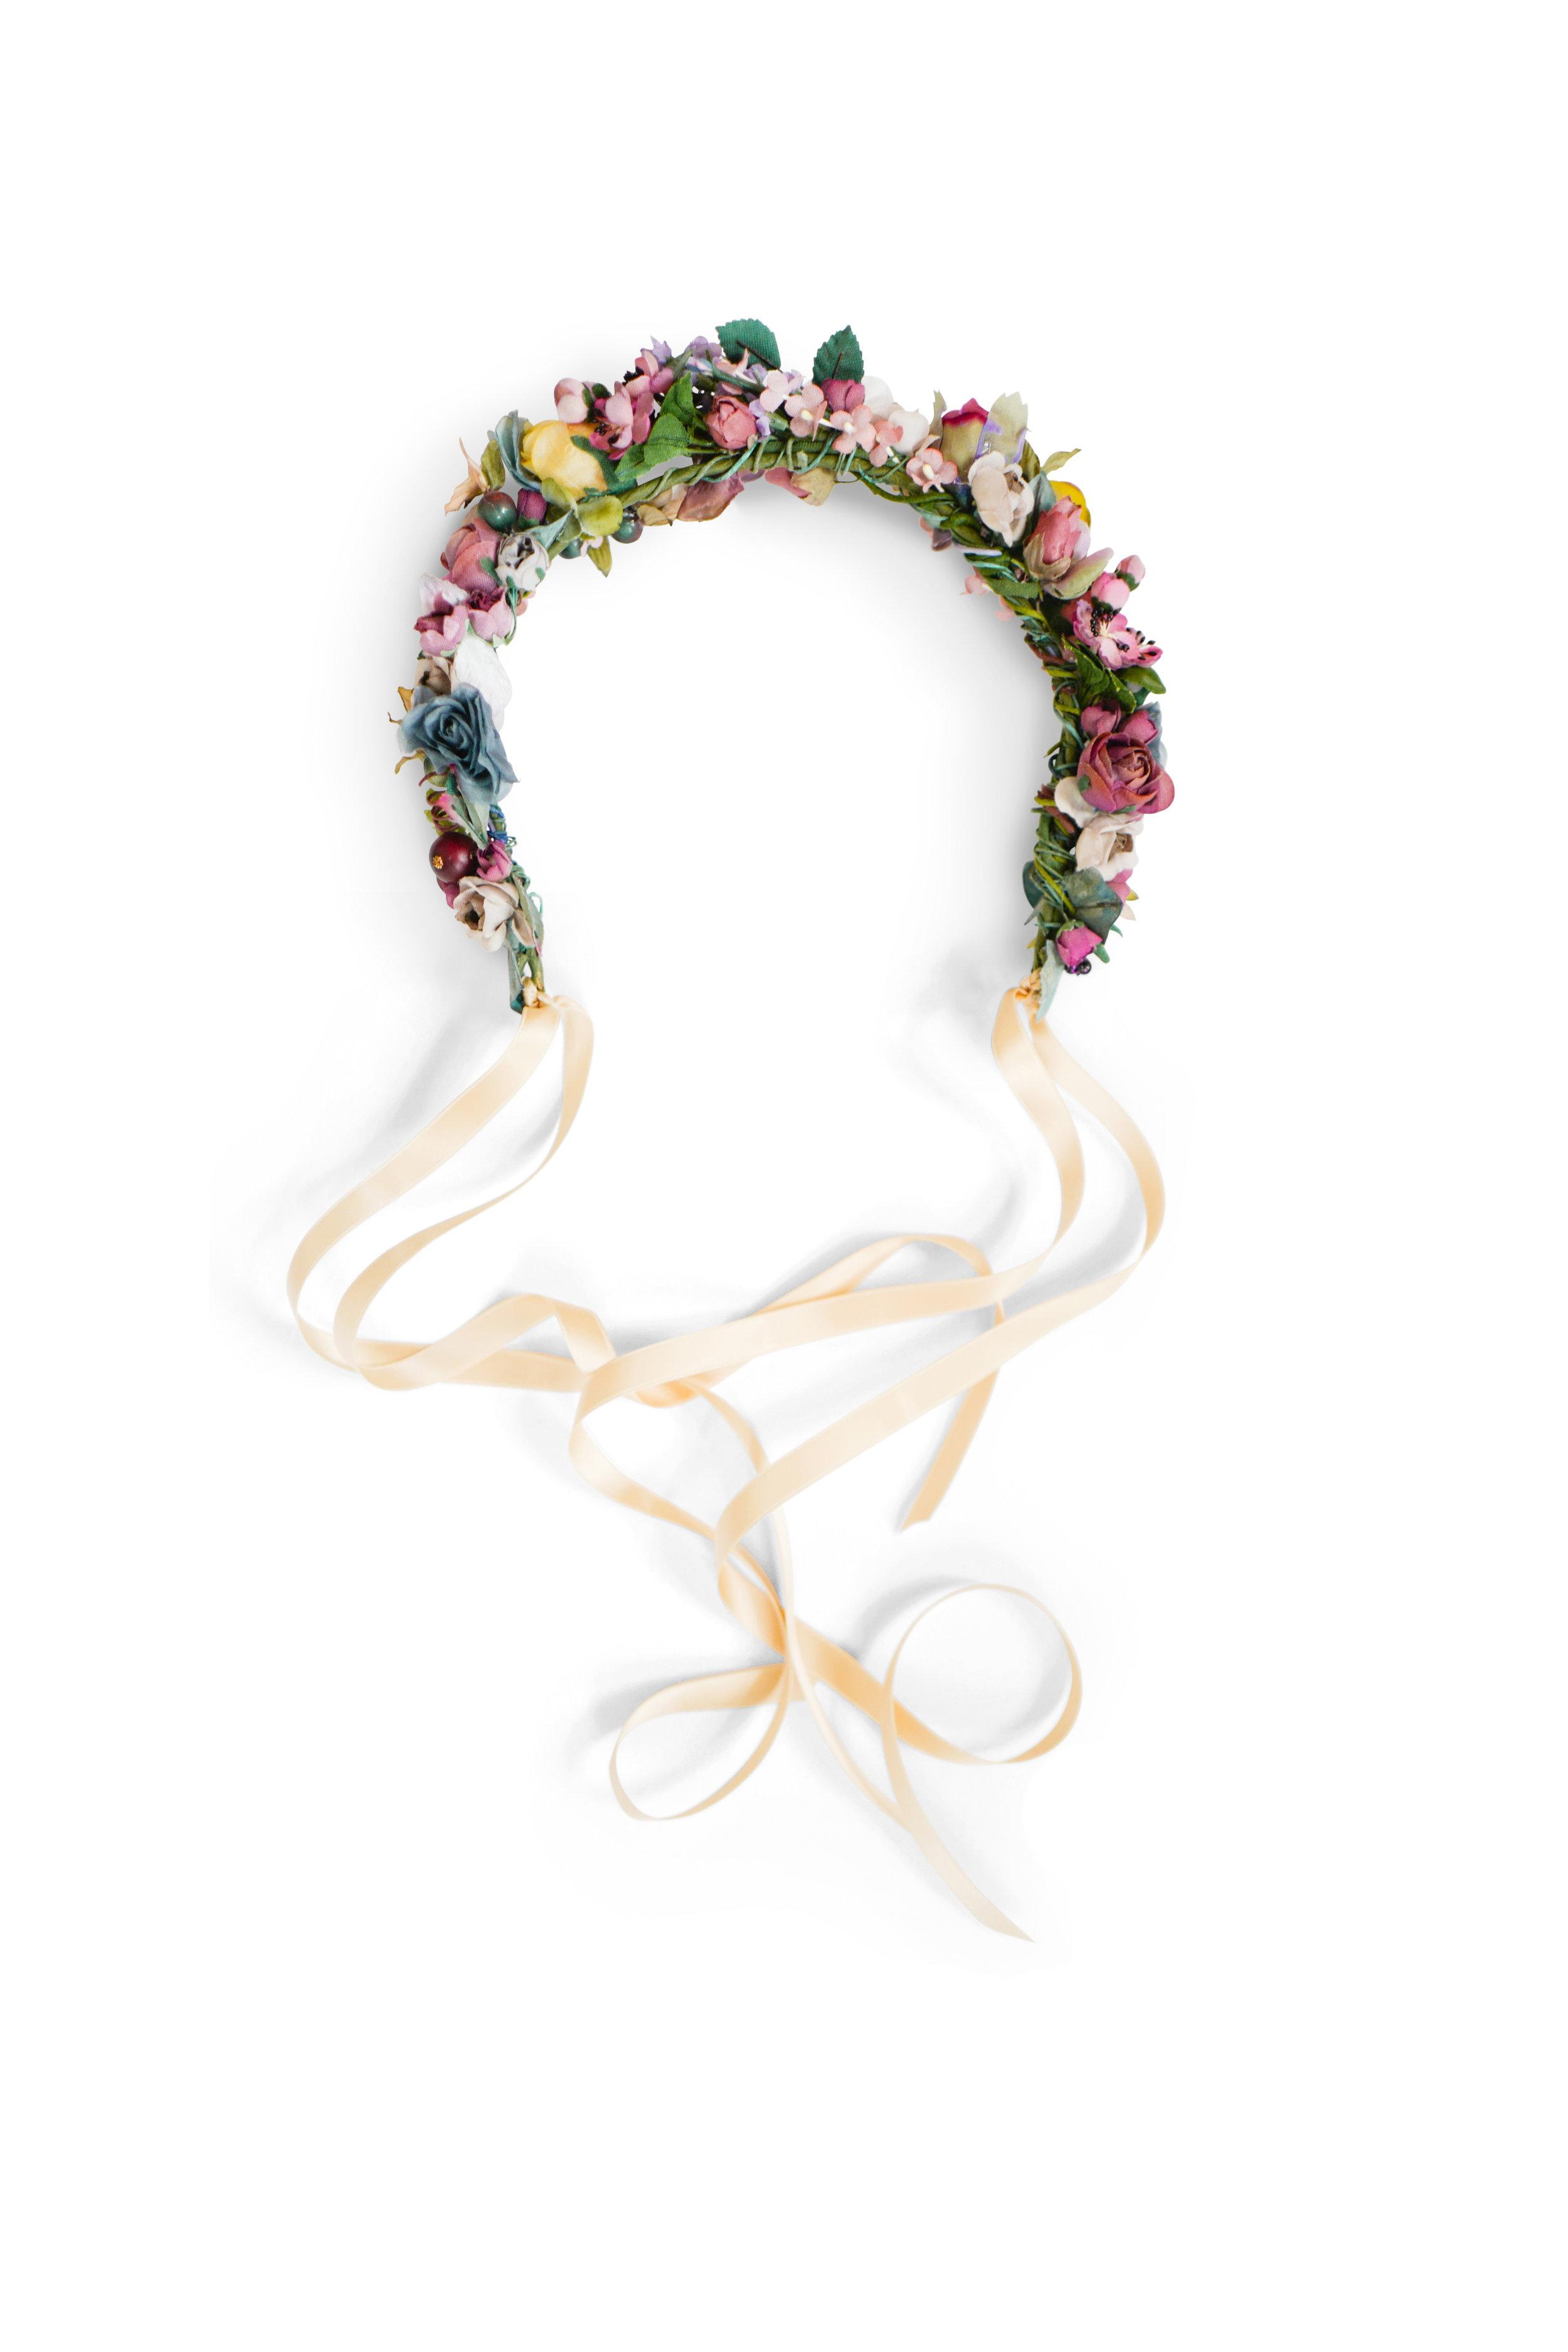 WeAreFlowergirls-Weddingcrown-Flowercrown9-ab € 99.jpg